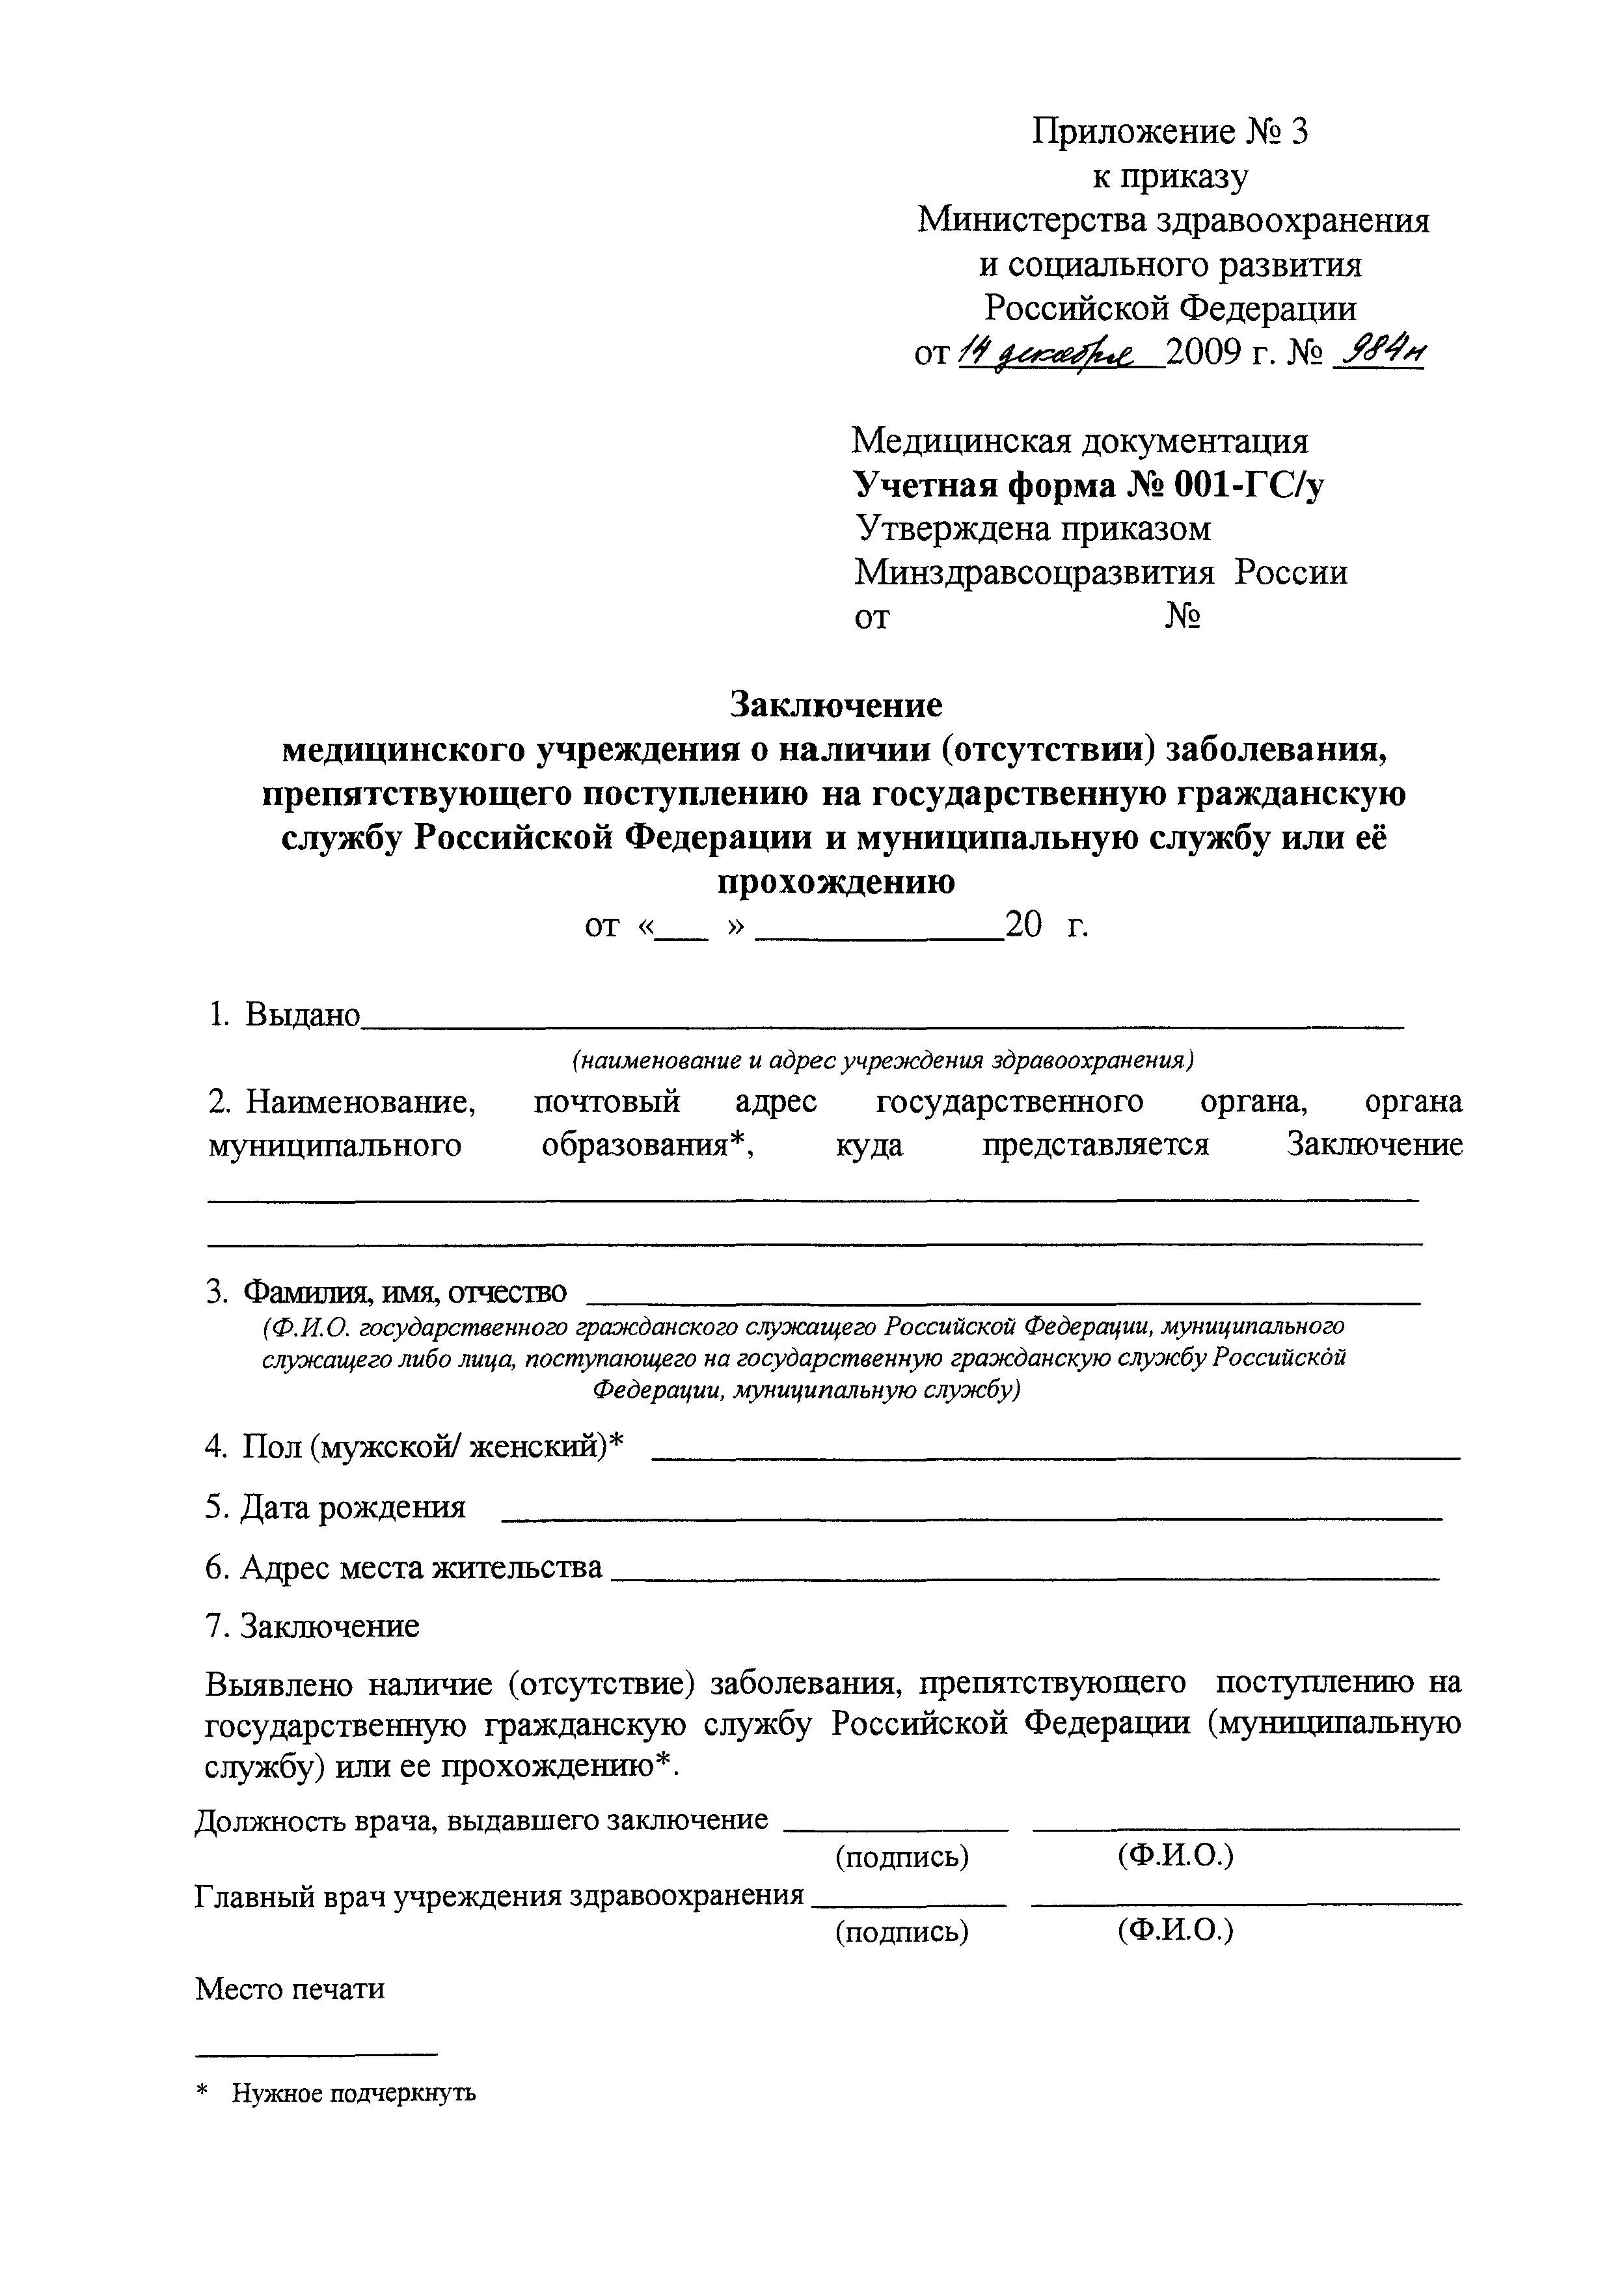 Медицинская справка формы 086-у или 001-гс у больничный лист после ликвидации оргонизации